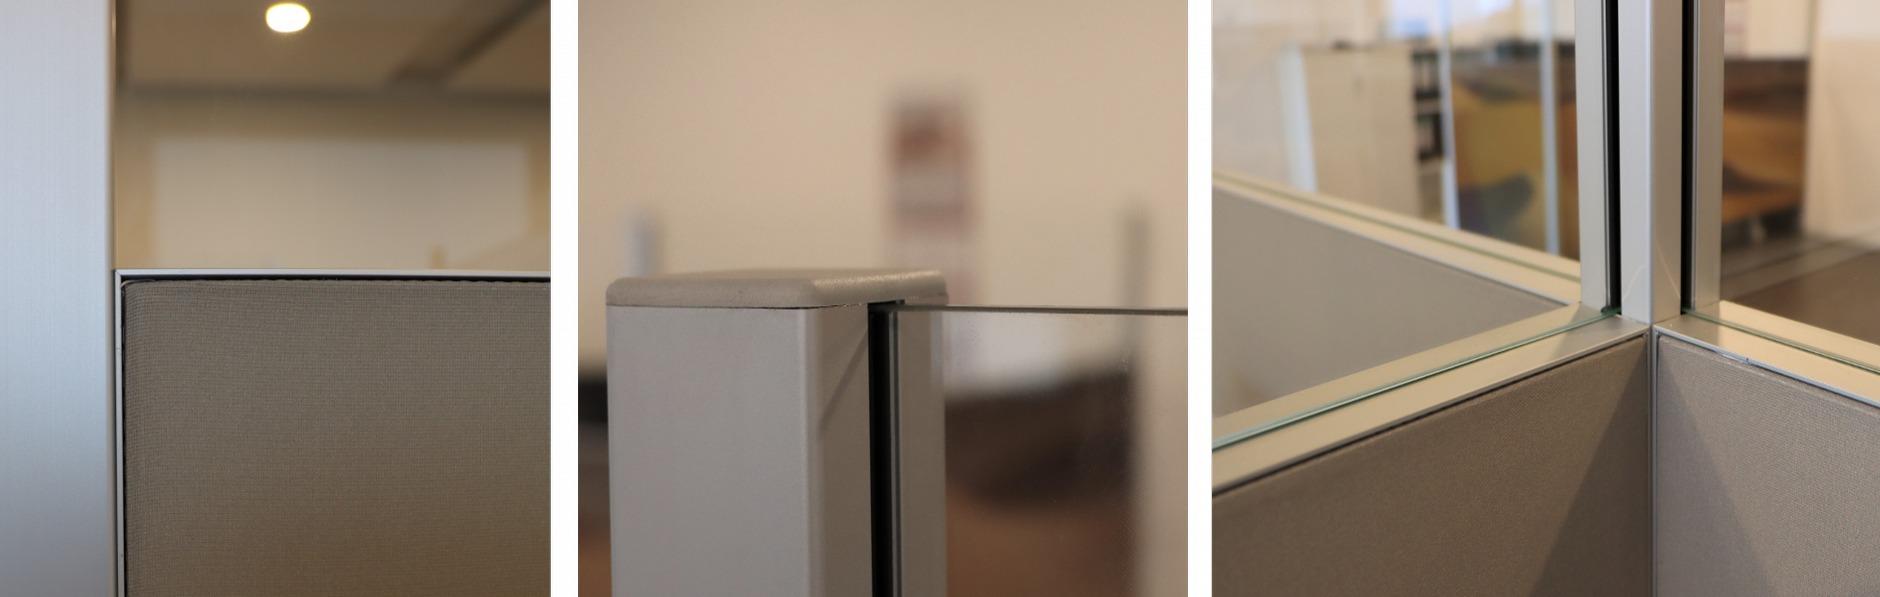 Detailfoto Akustik Abschirmung Büro